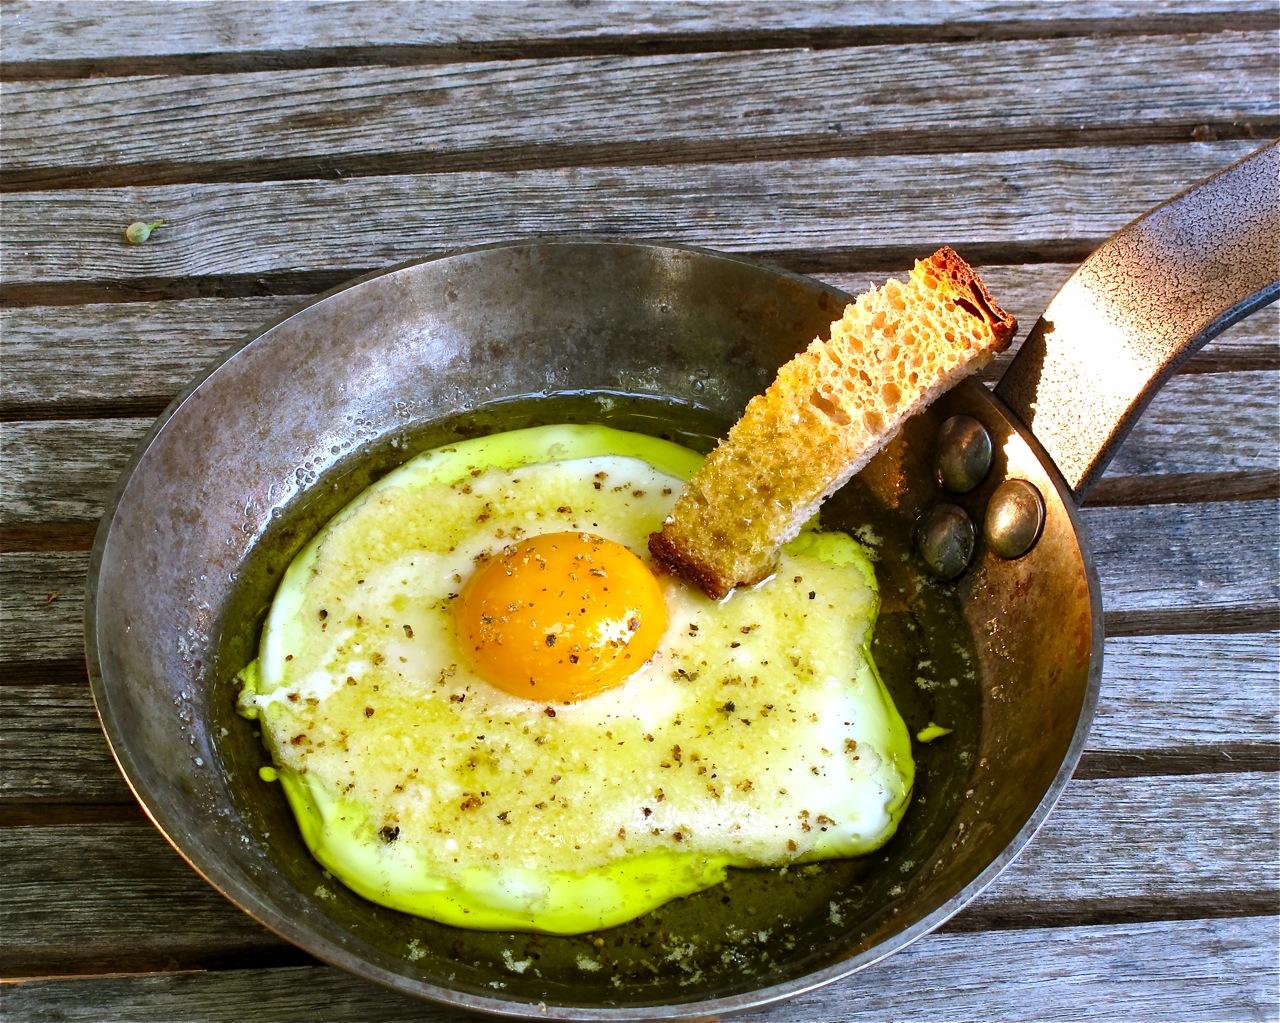 uovo di gallina livornese - Paolo Parisi 7